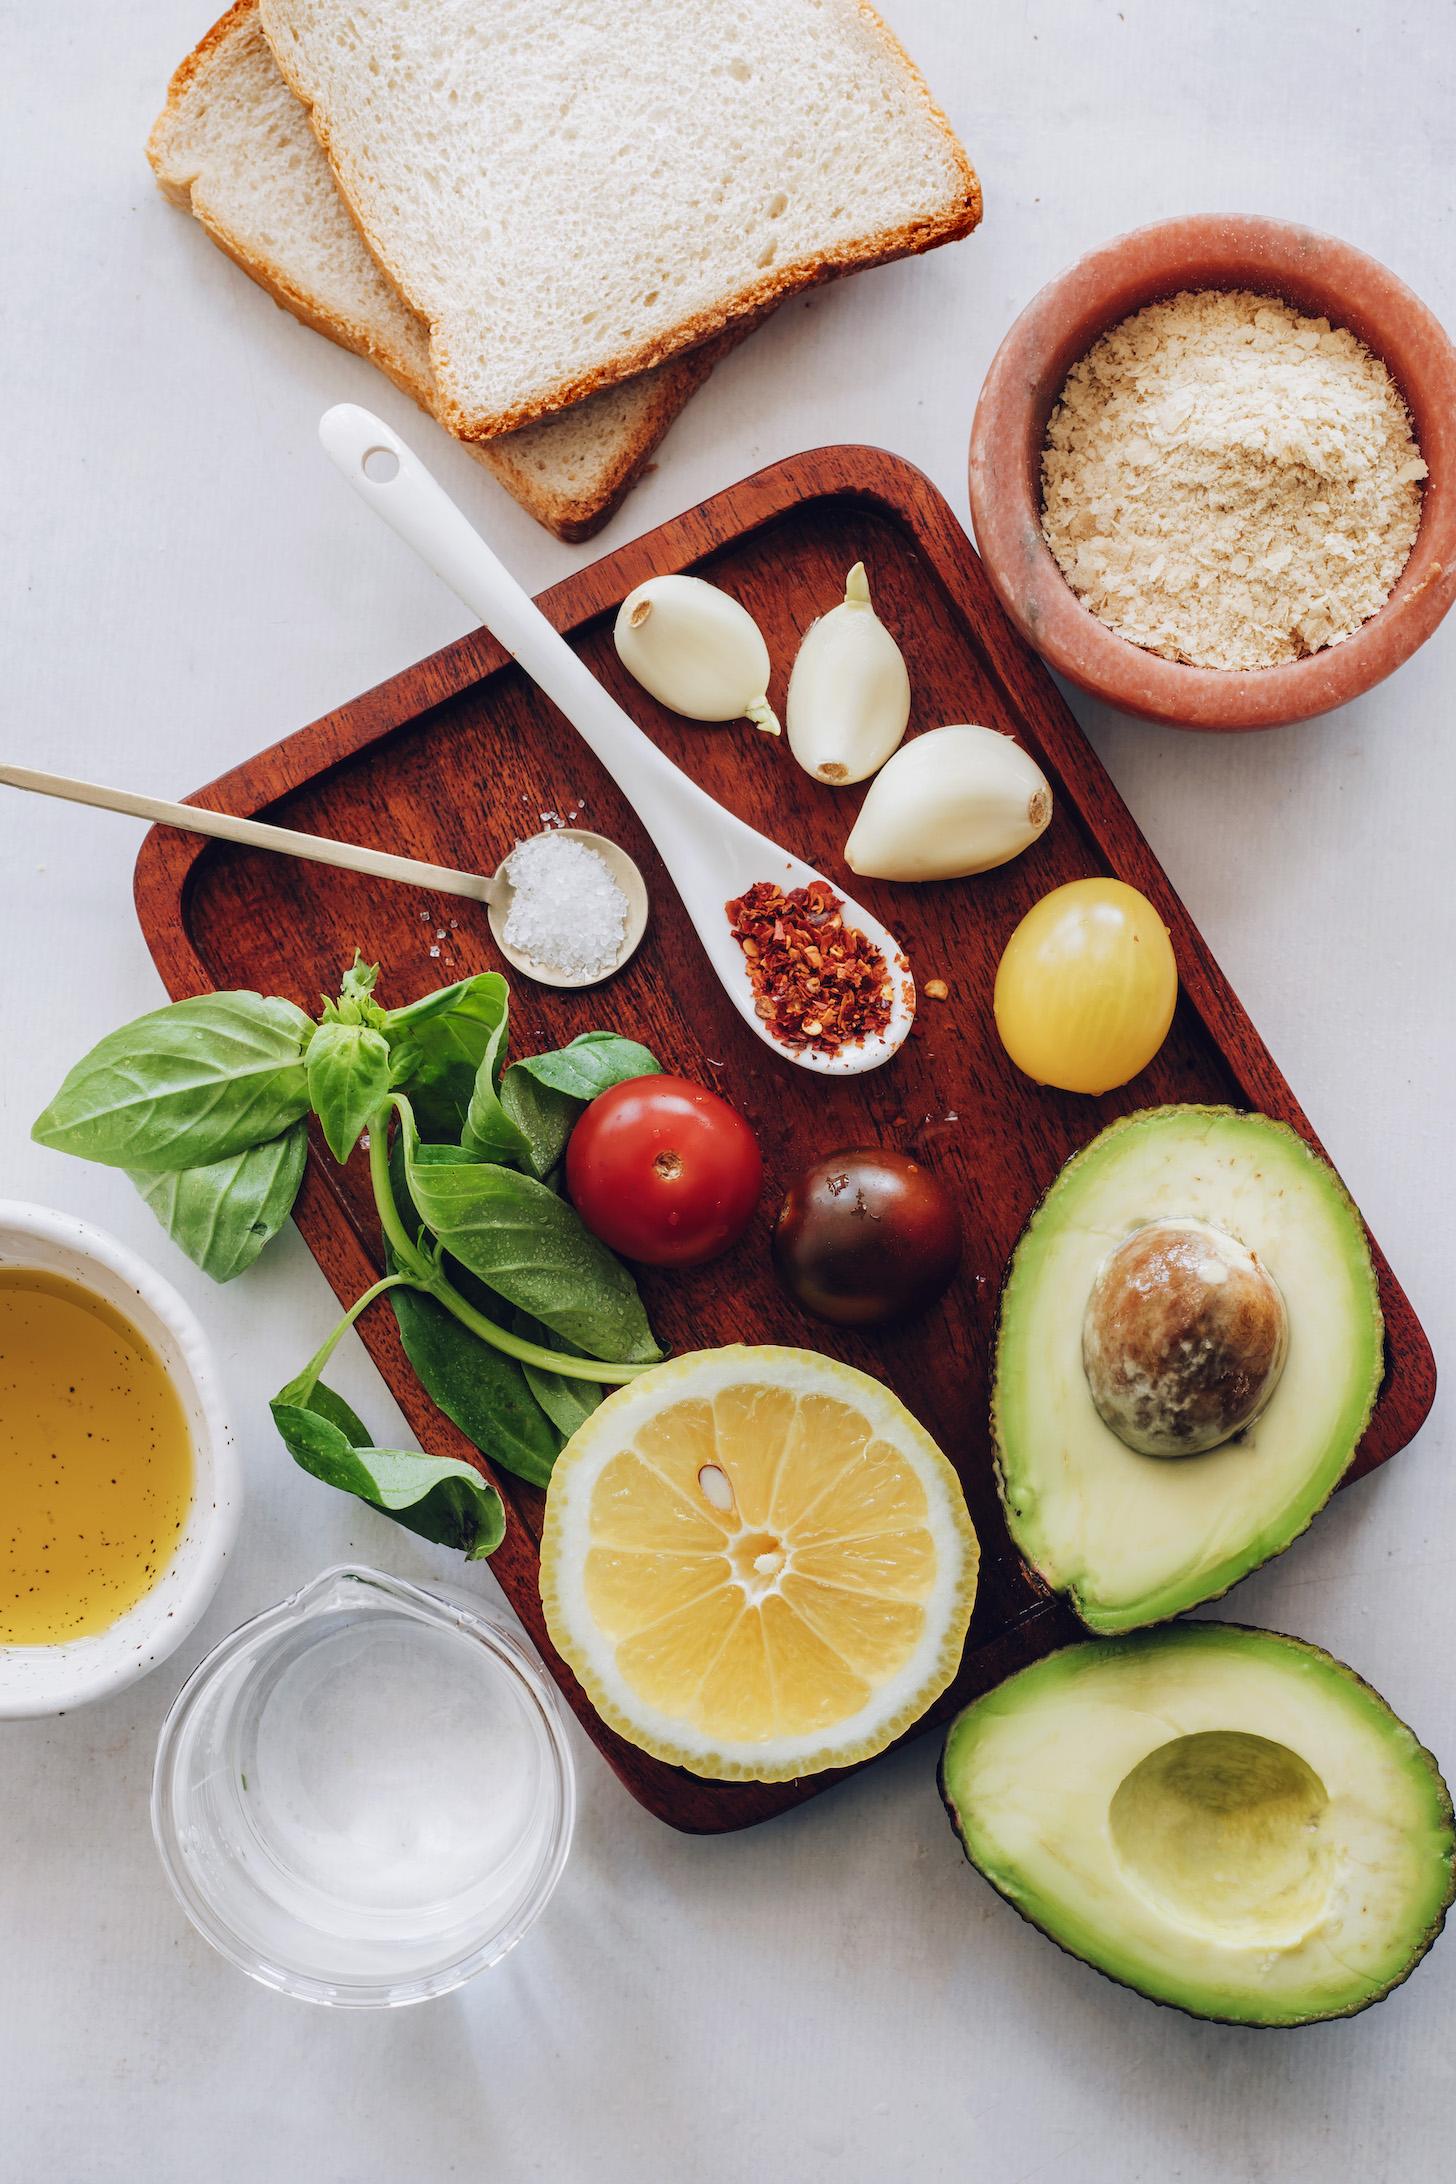 Ekmek, besin mayası, sarımsak, çeri domates, avokado, tuz, kırmızı pul biber, fesleğen, limon, su ve zeytinyağı